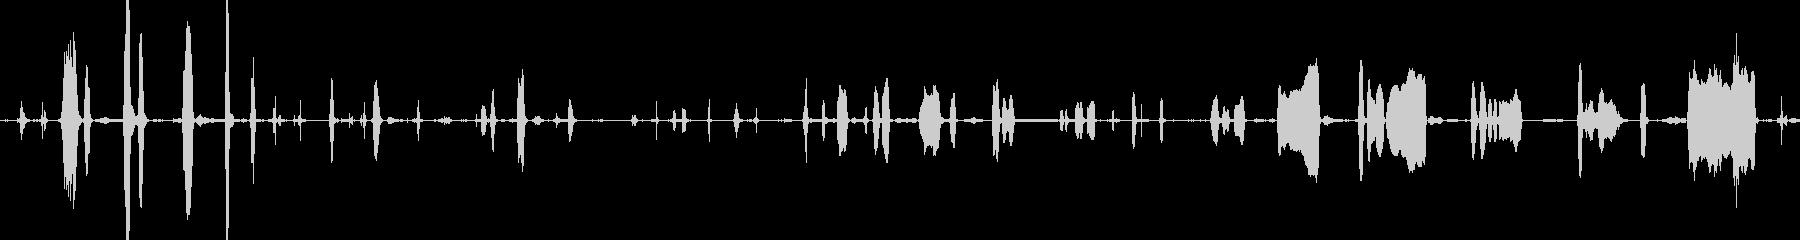 ラクダ悲しいうめき声の未再生の波形